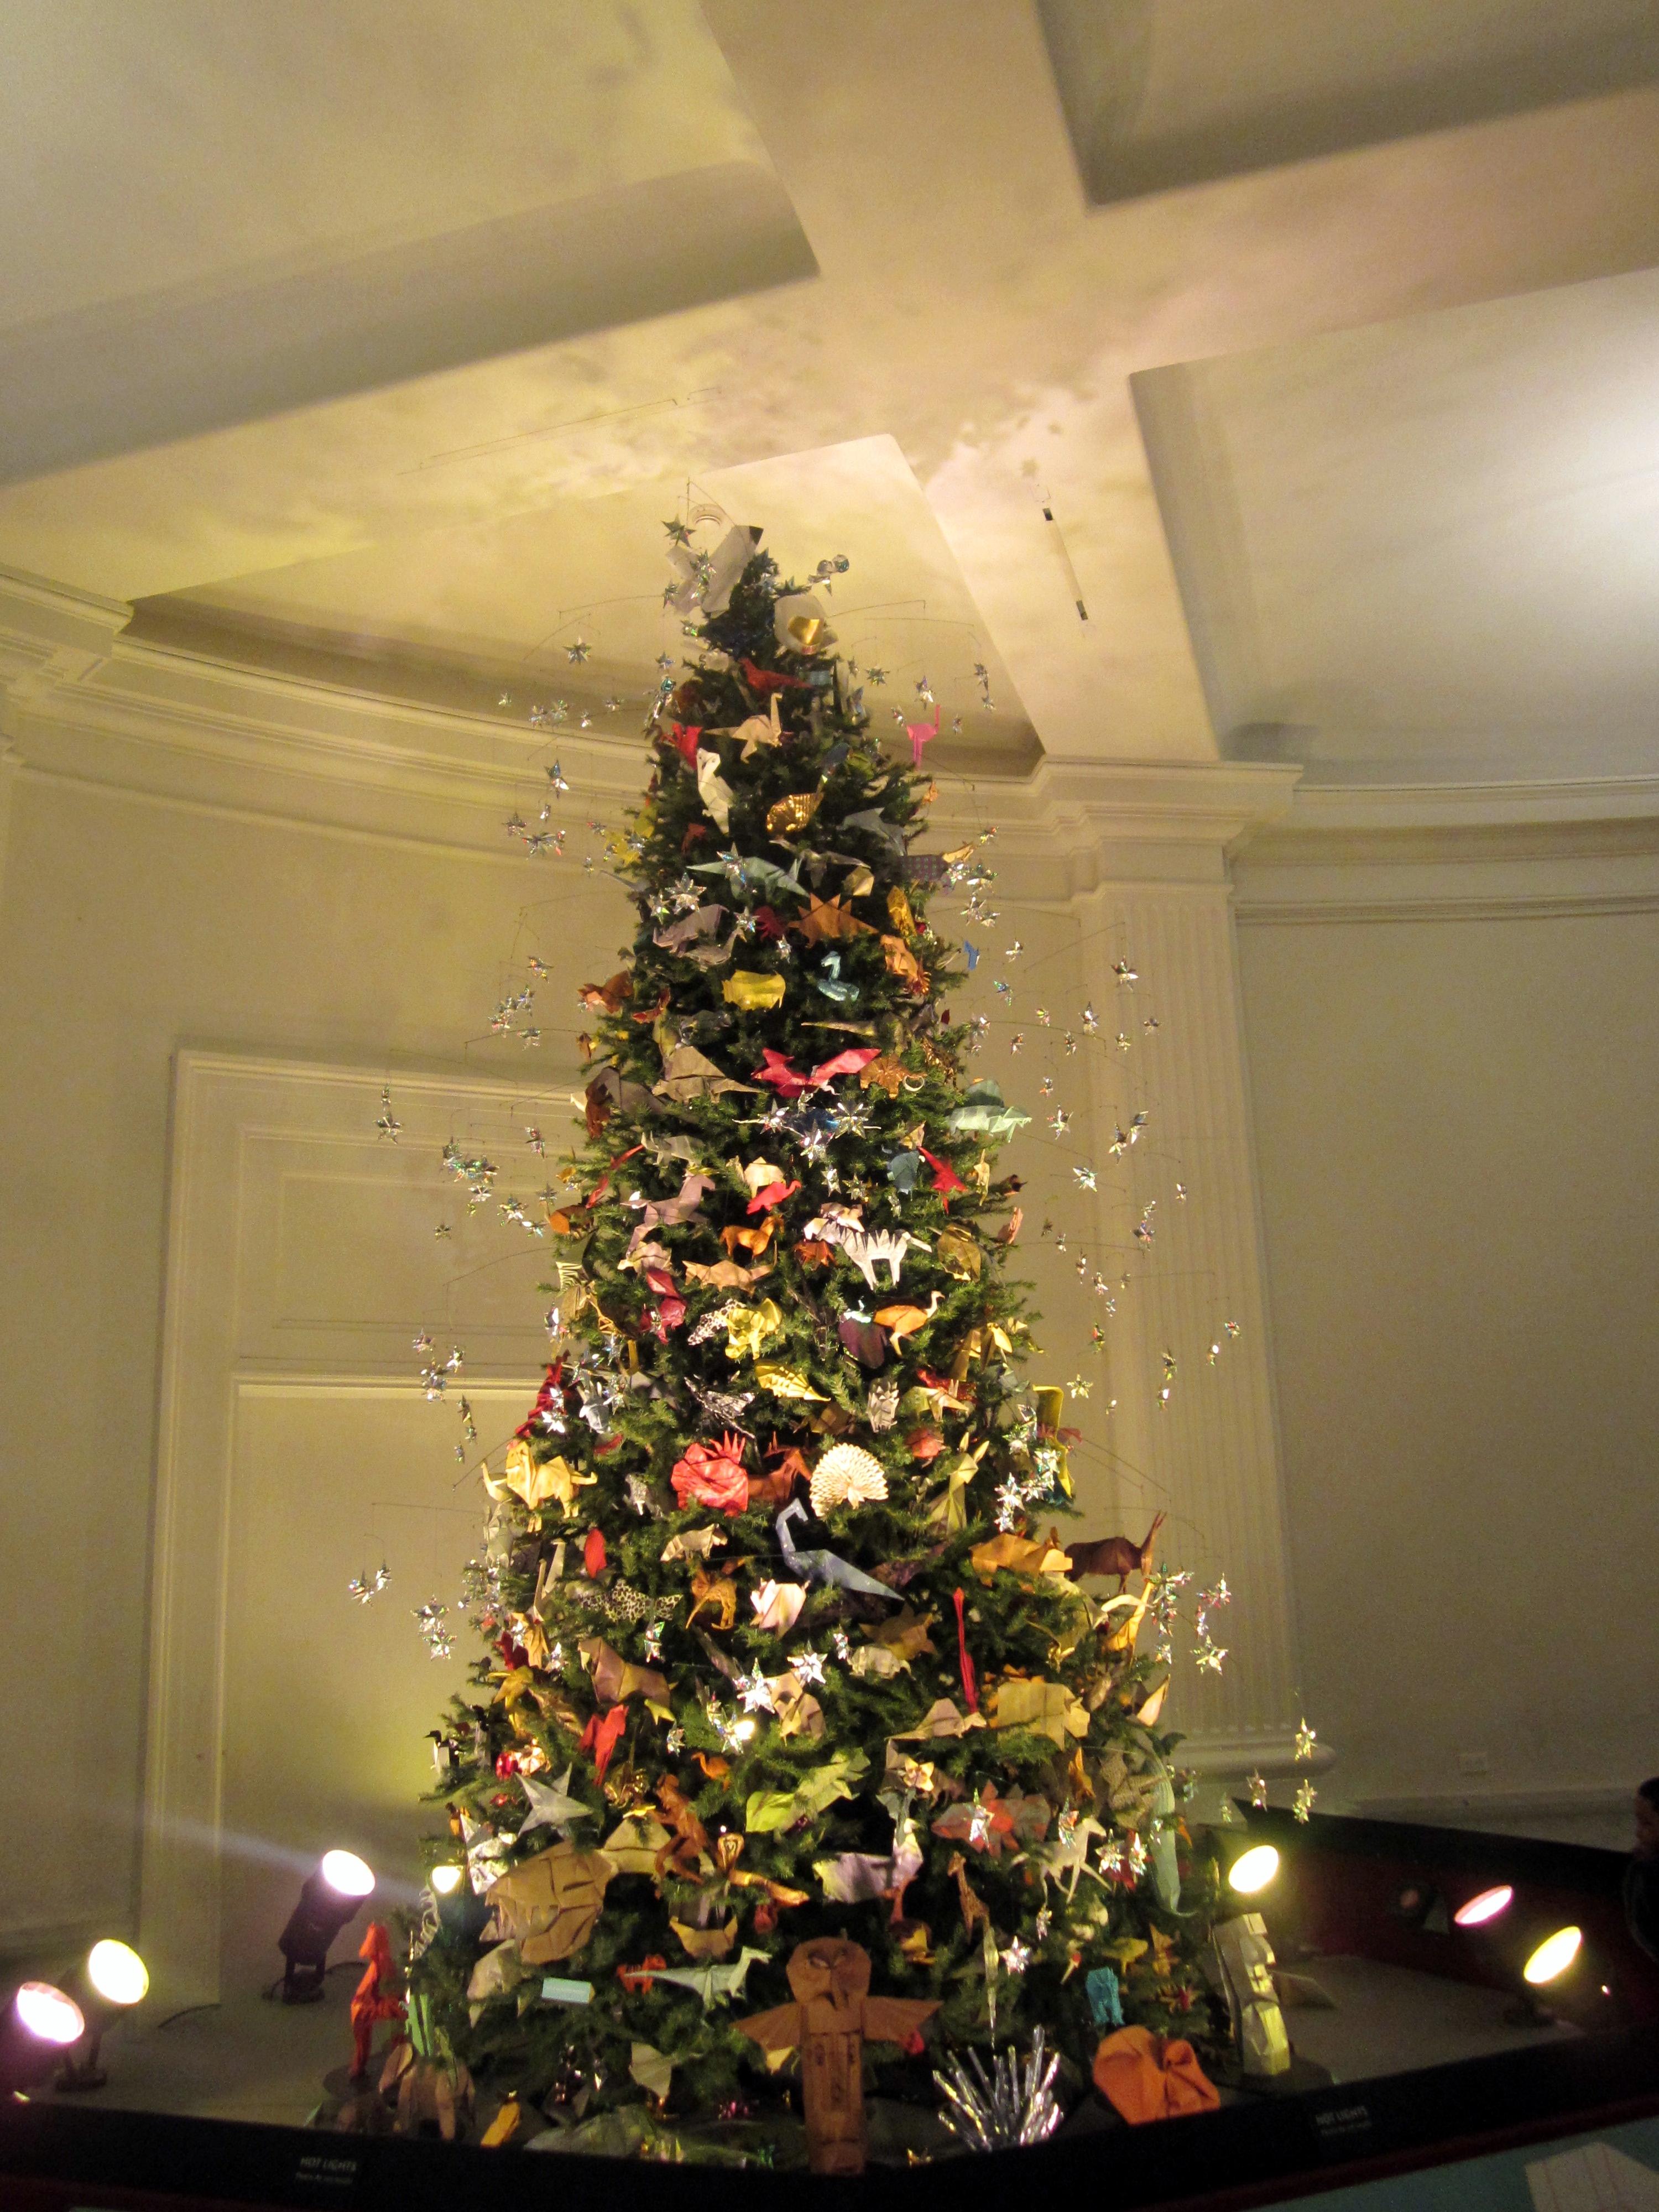 El museo americano de historia natural y su rbol navide o - Fotos arboles navidenos ...